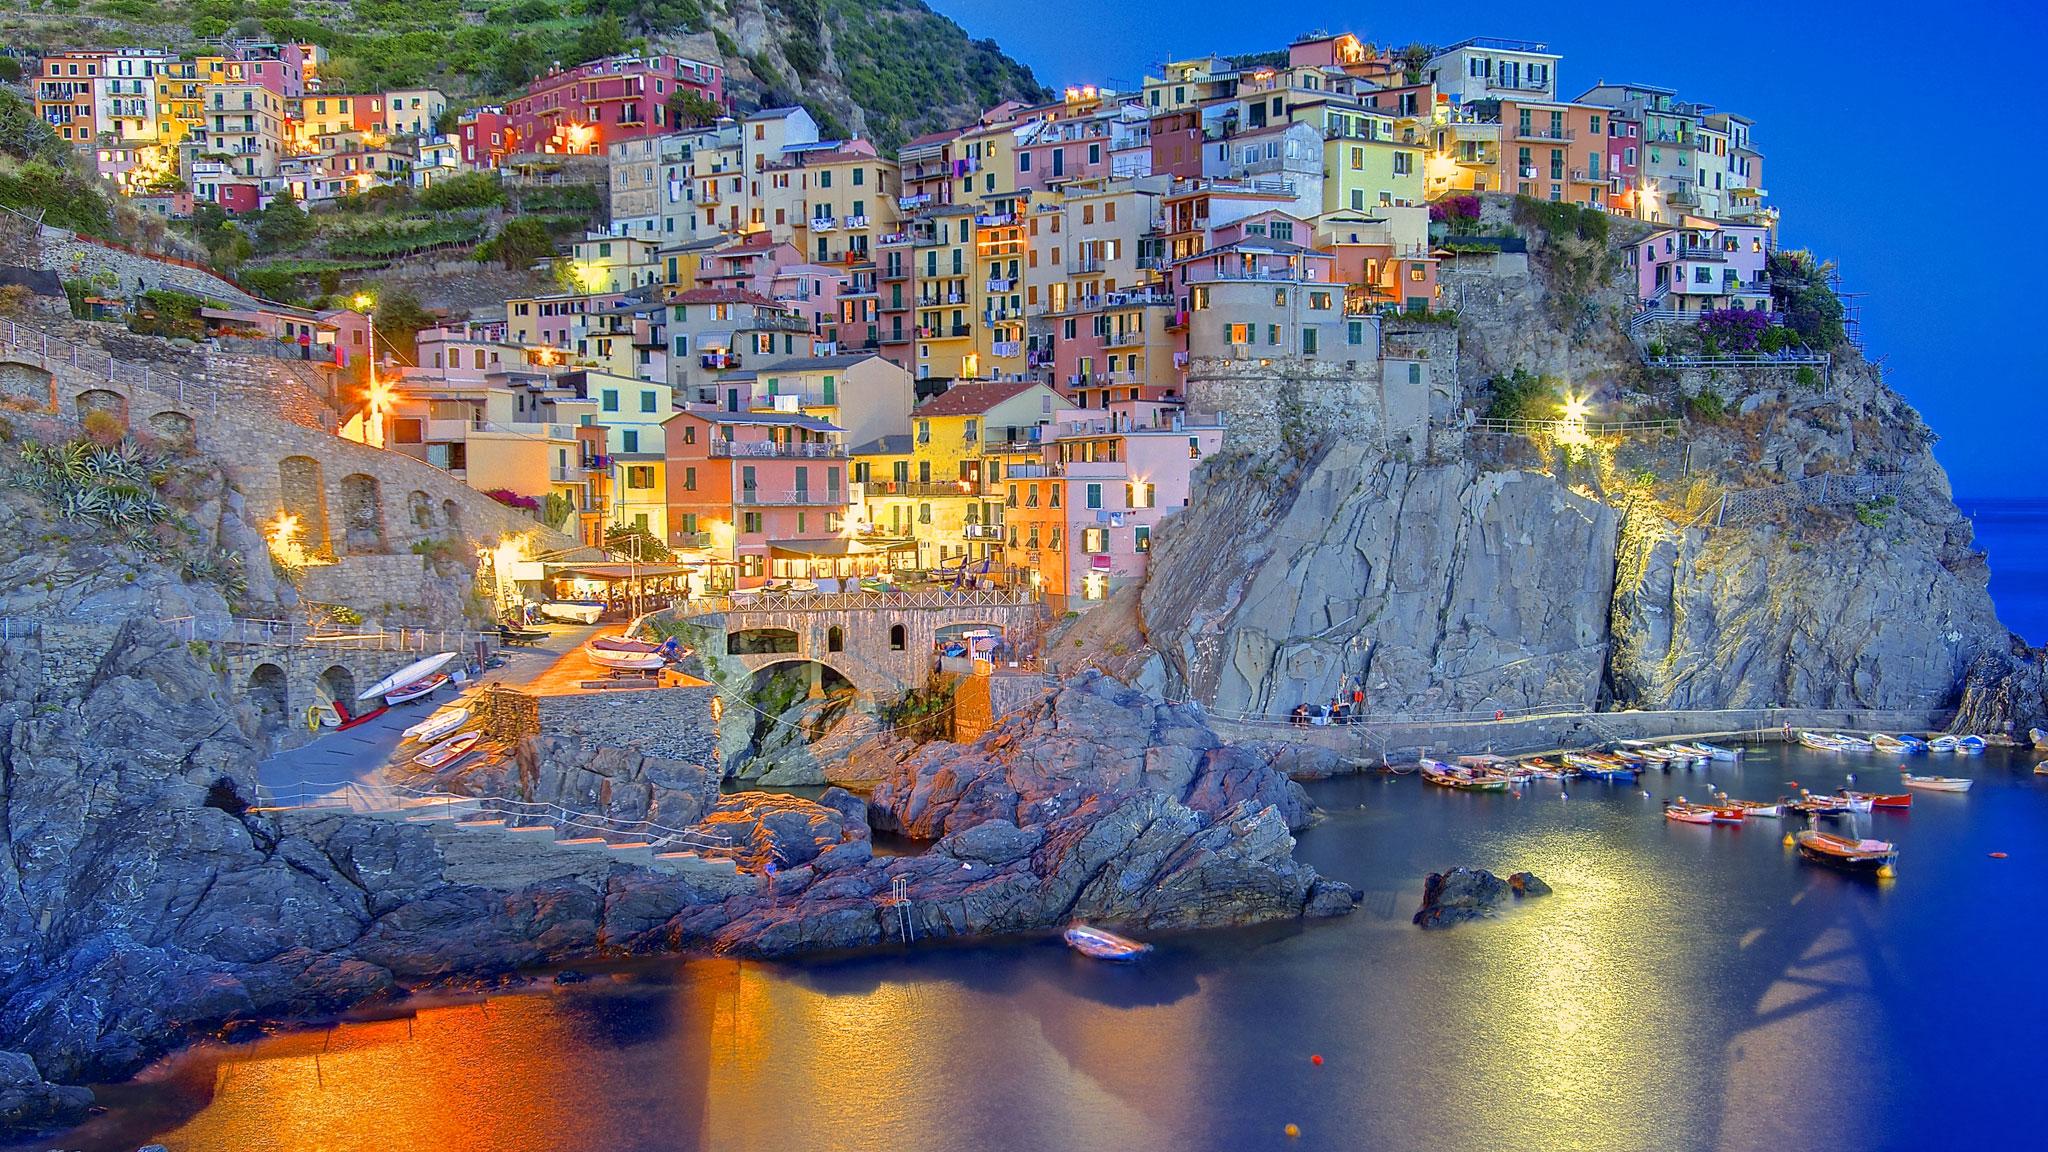 Lavagna. Lavagna Italy